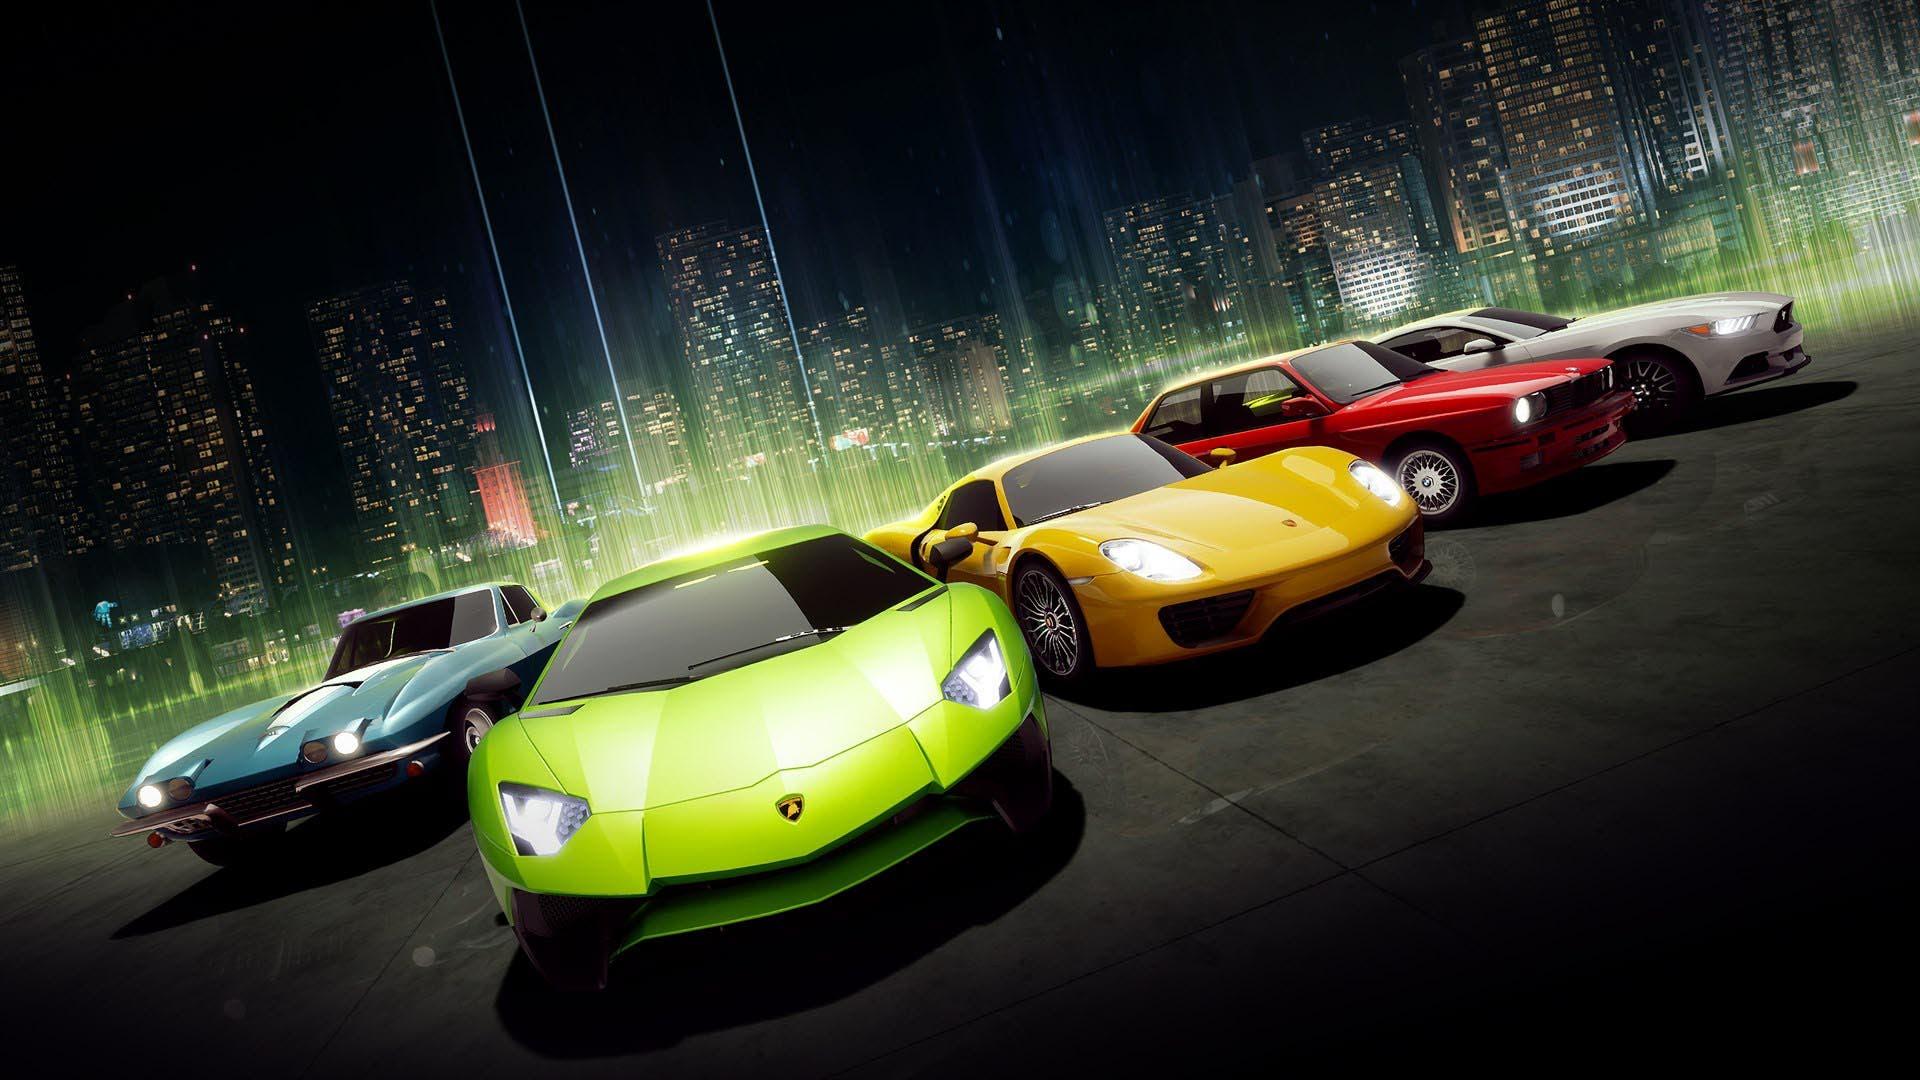 El free-to-play Forza Street ya tiene fecha de lanzamiento en iOS y Android 13